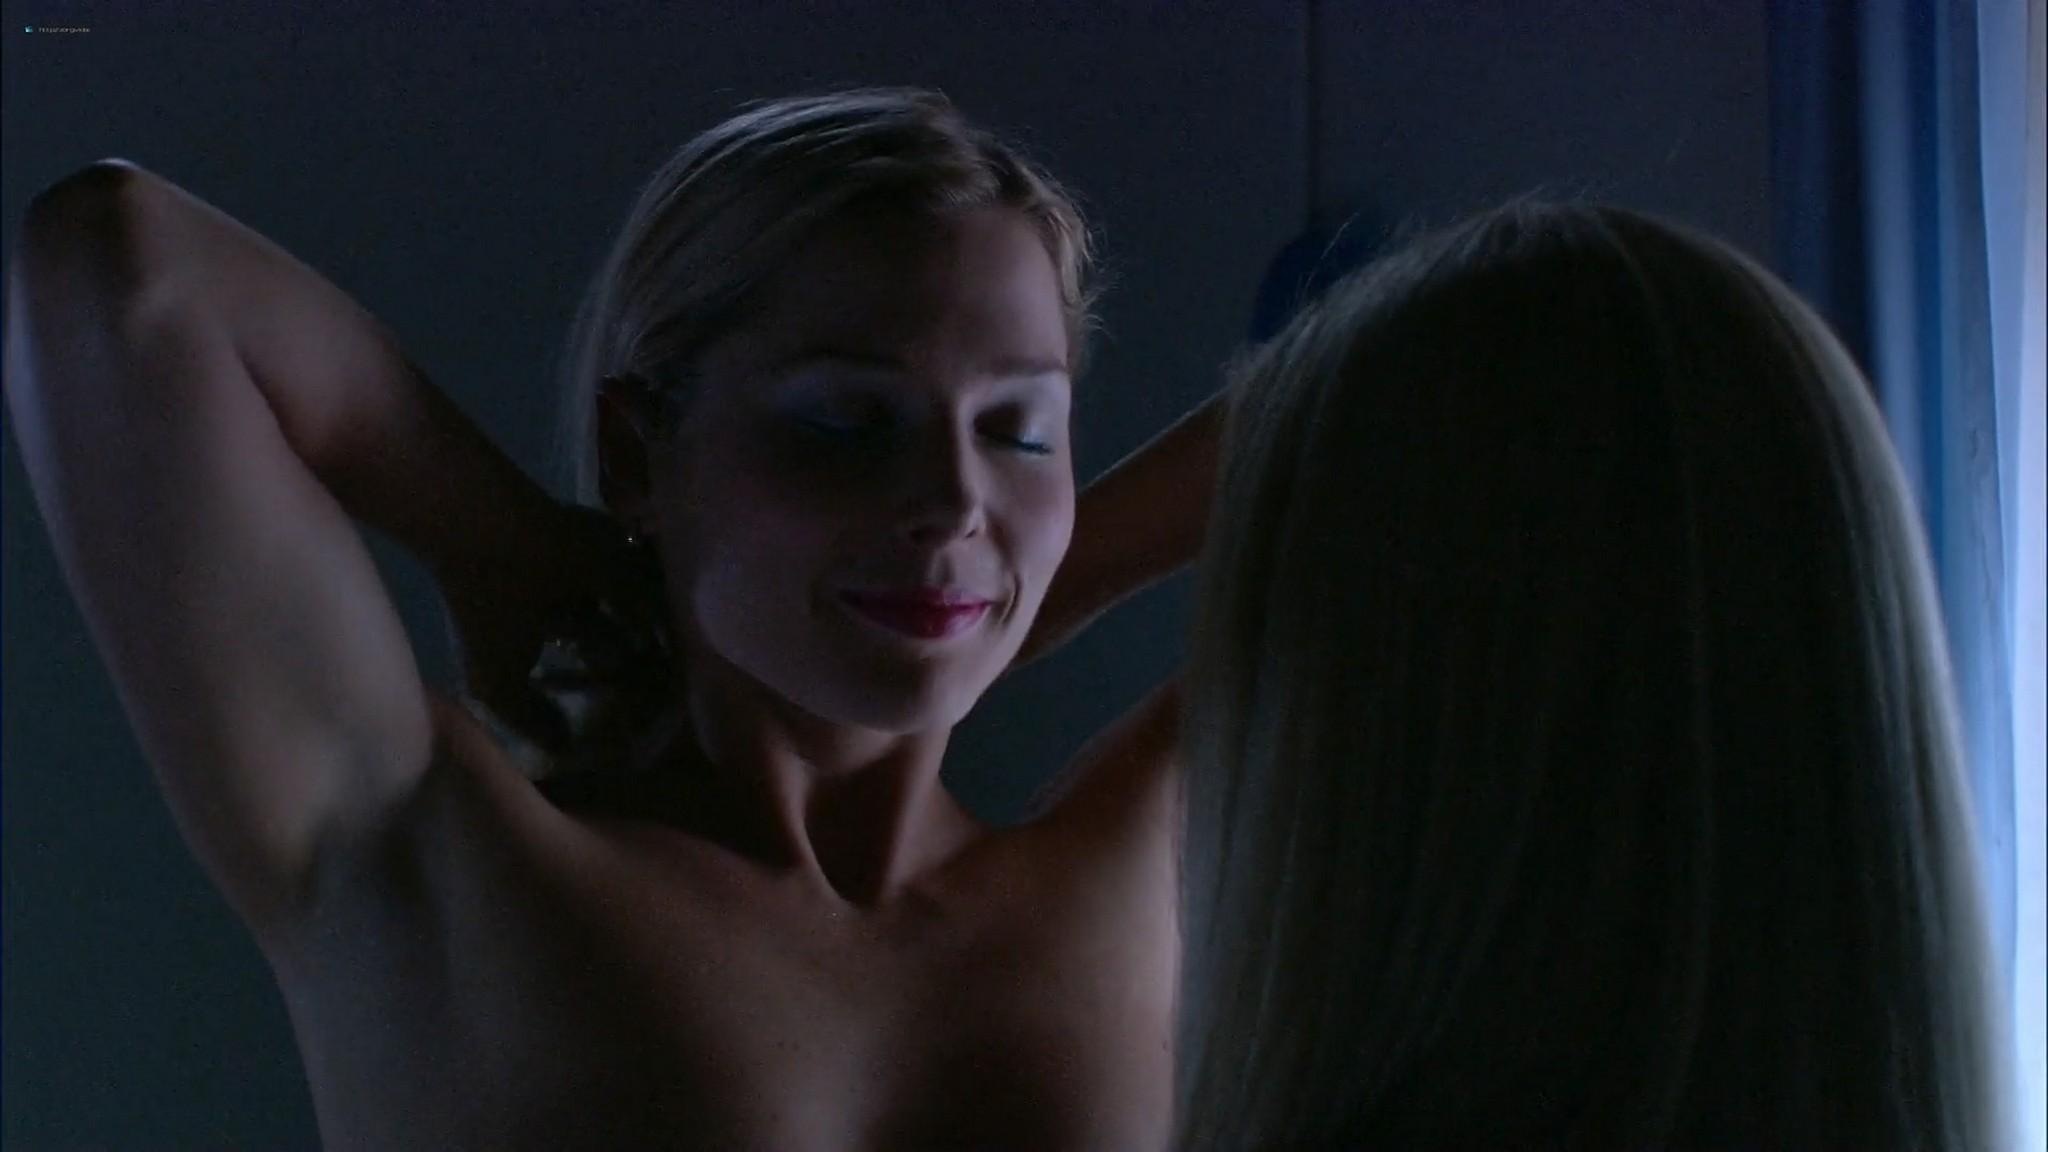 Kim Poirier nude sex Stefanie von Pfetten nude too Decoys 2004 1080p Web 3